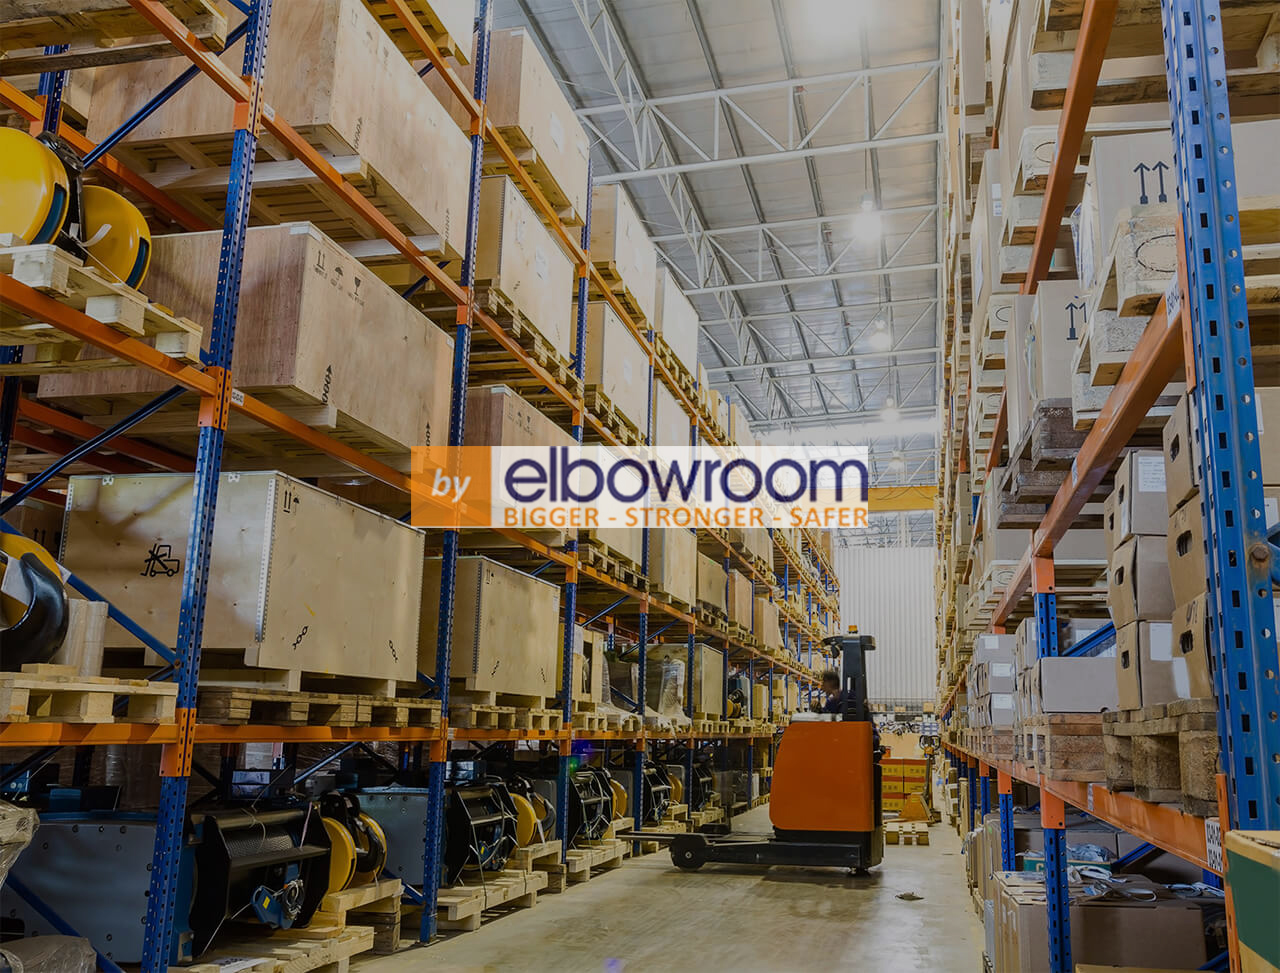 Forklift putaway - ELB watermark